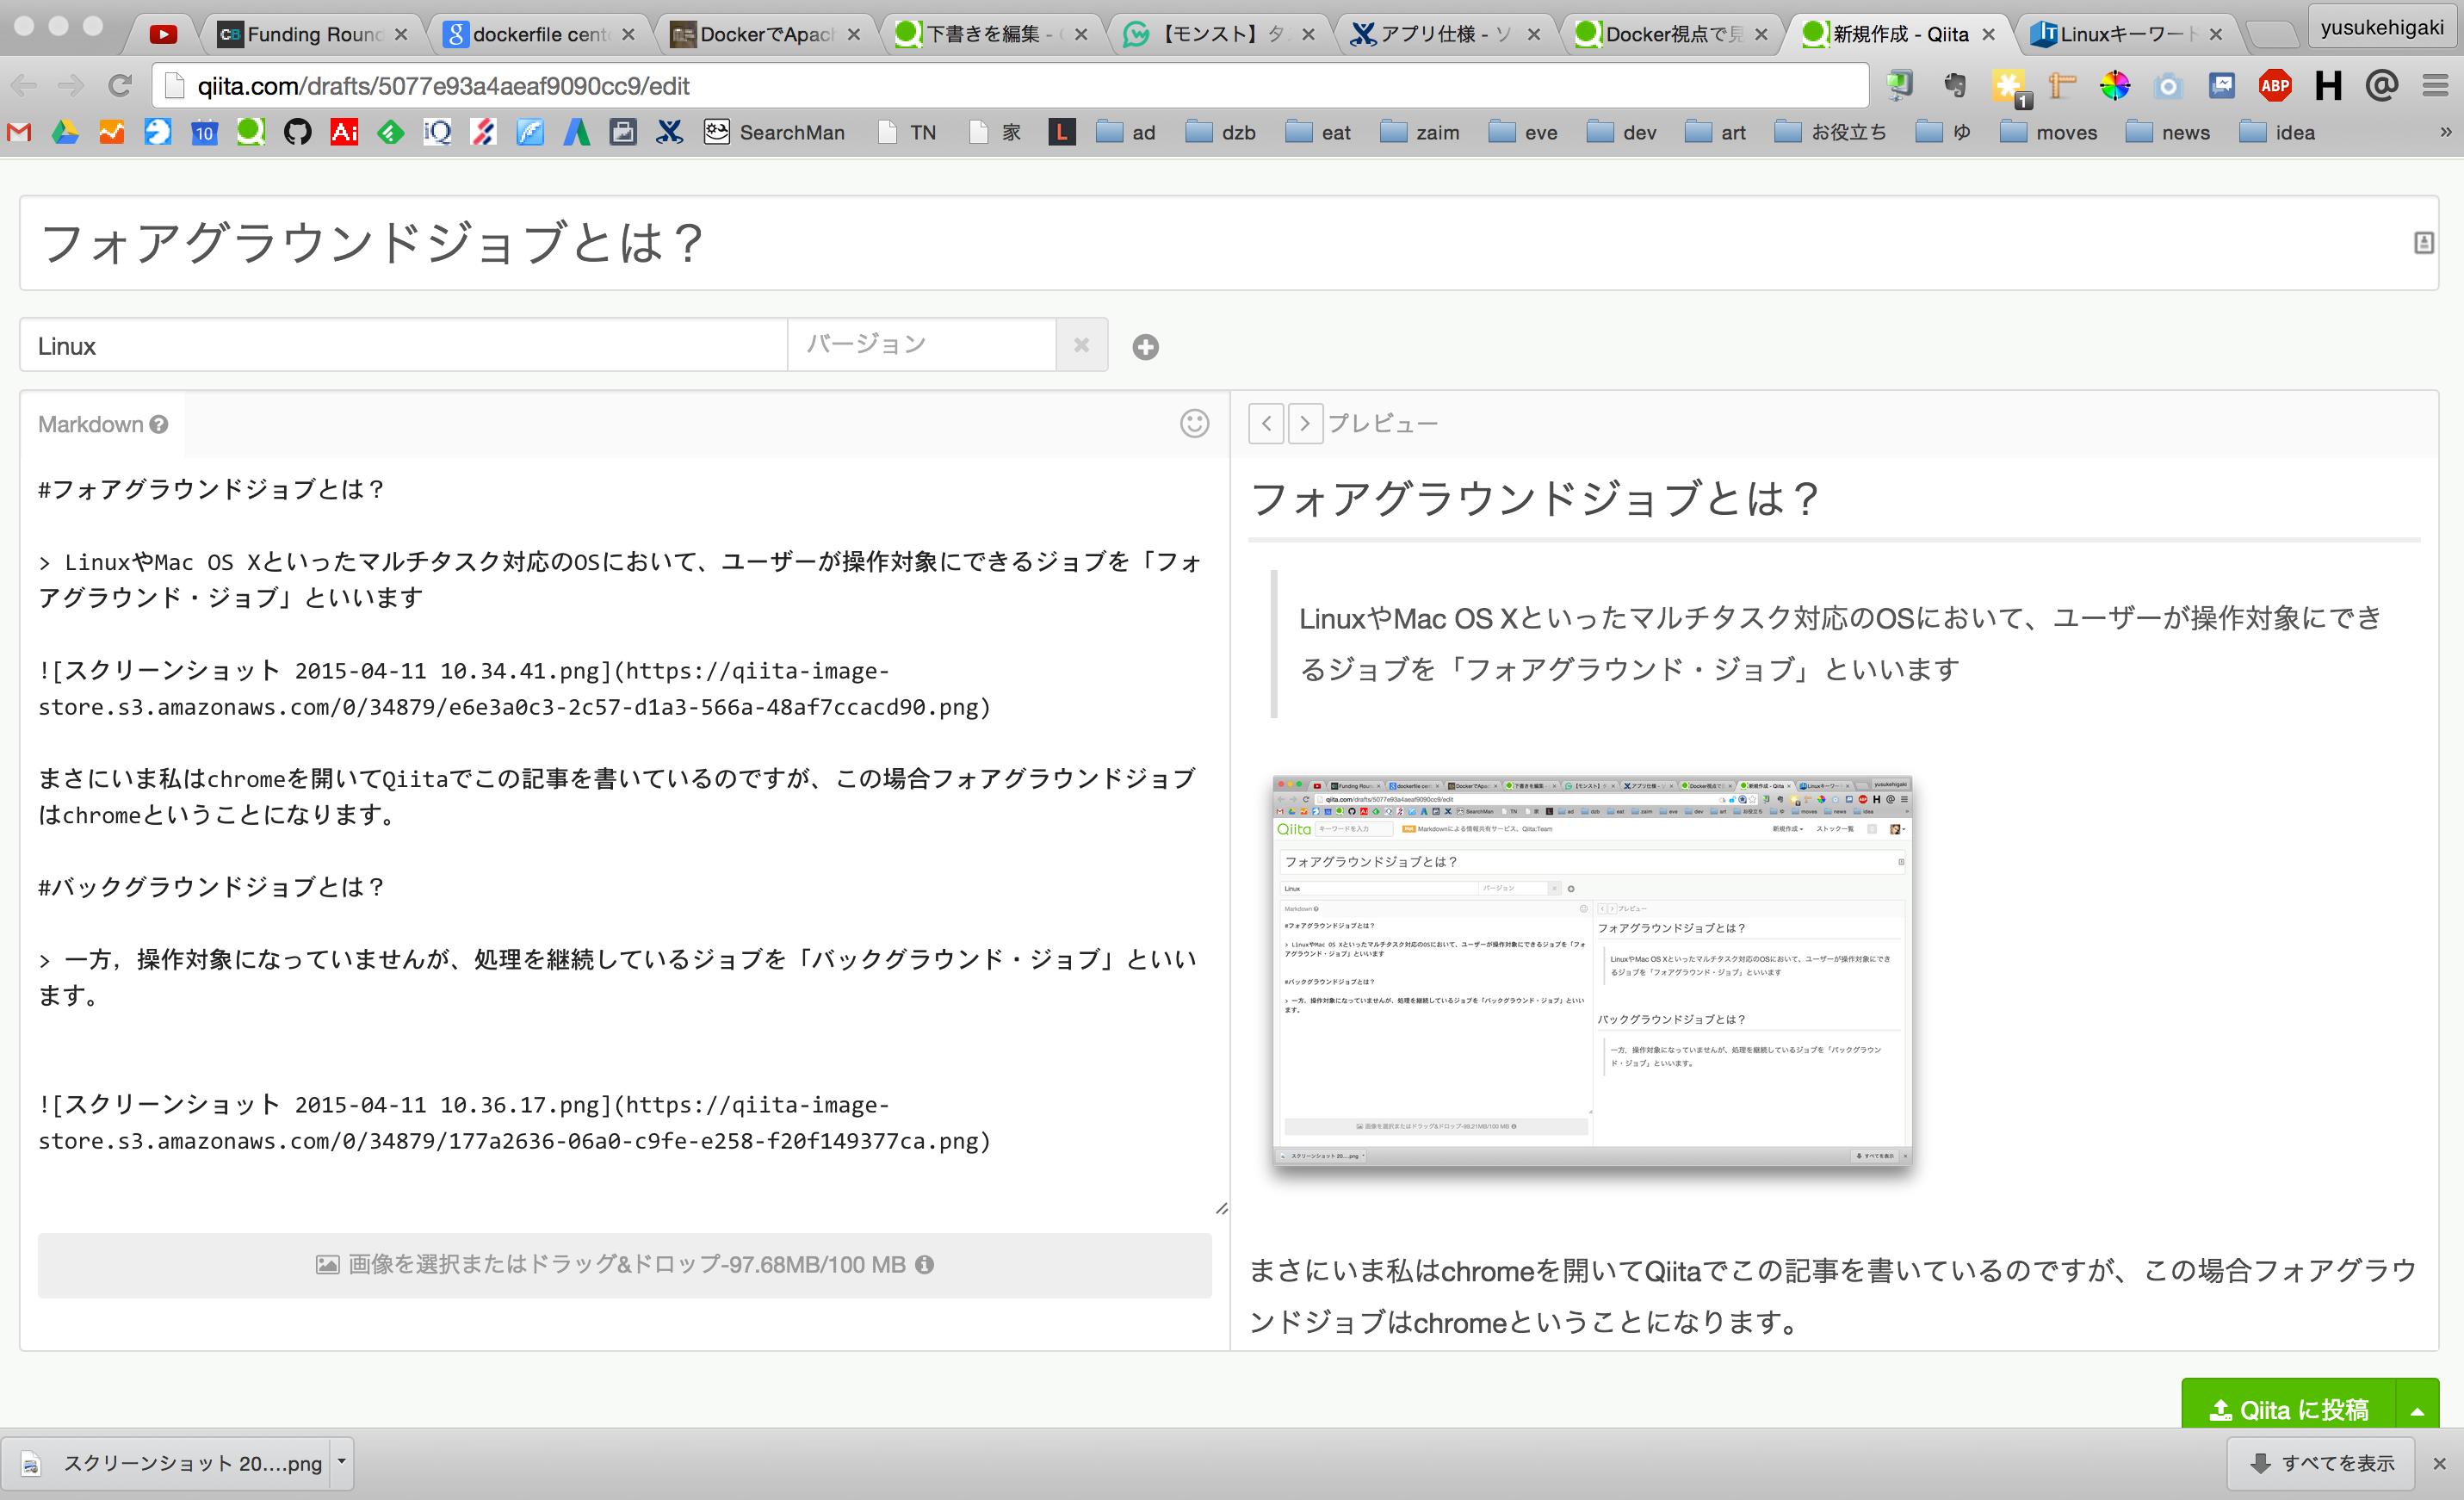 スクリーンショット 2015-04-11 10.36.46.png